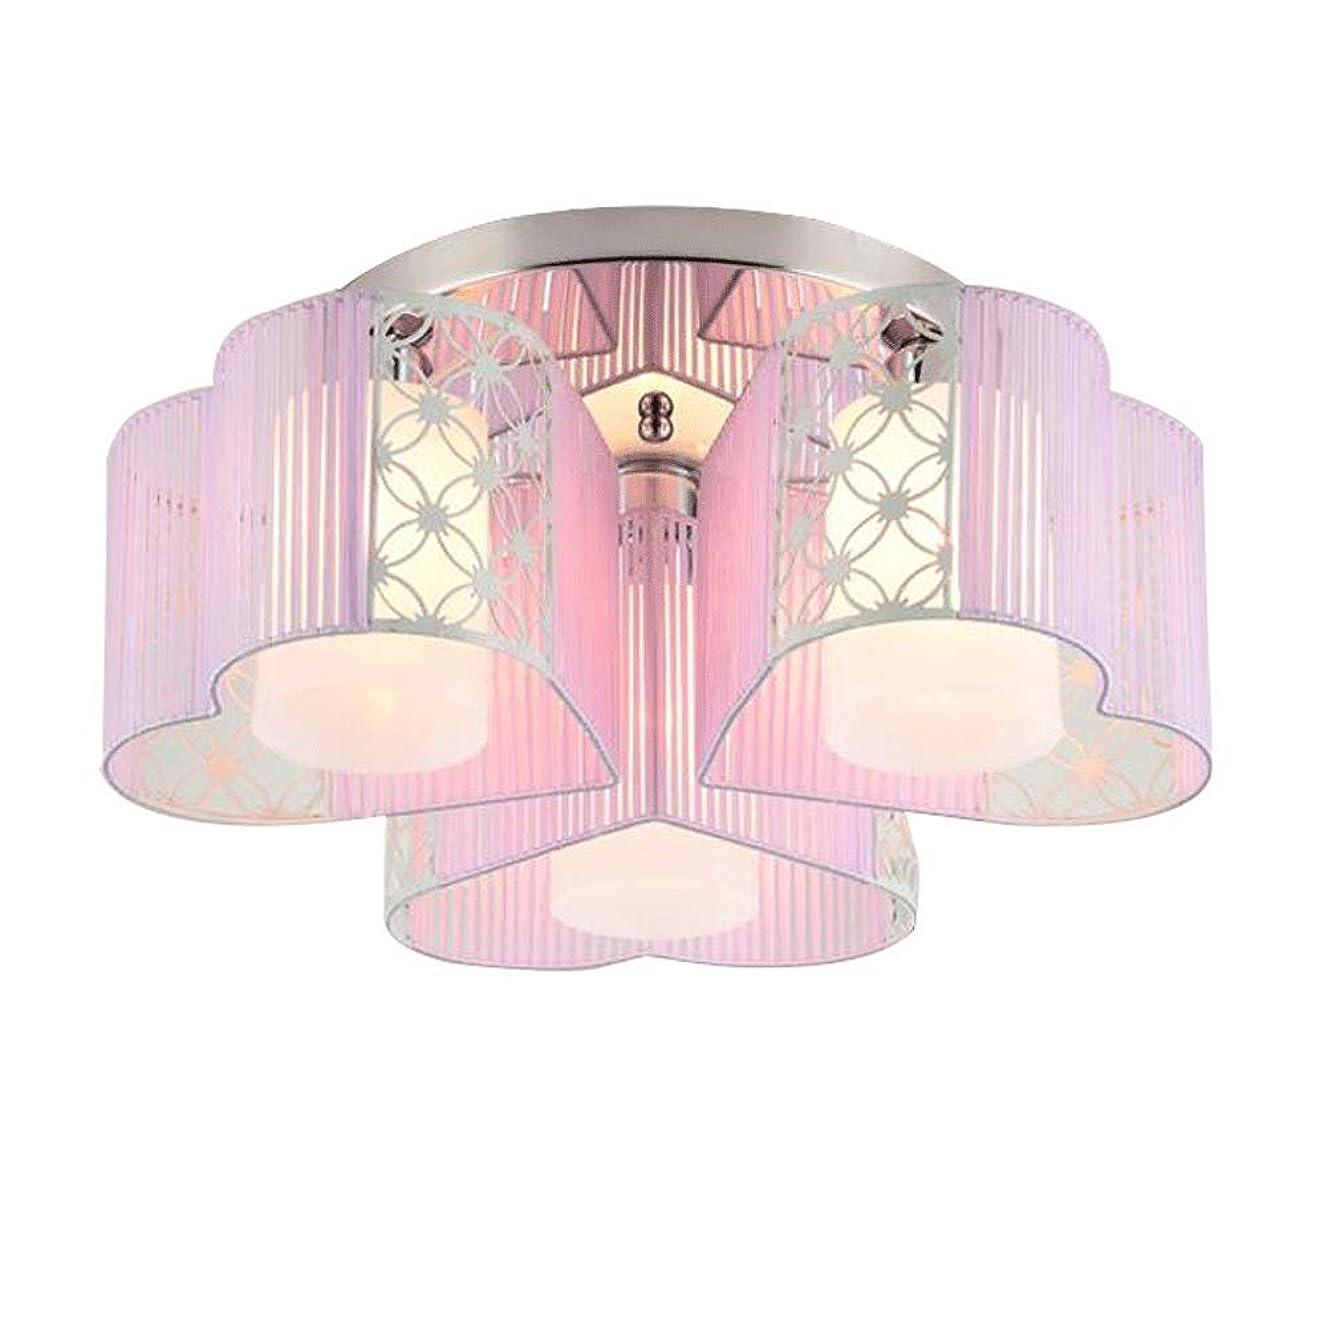 BS 天井灯 - LEDラウンドモダンなミニマリストロマンチックな天井灯、寝室、子供部屋丸型天井灯(4サイズあり) ビルトインシーリングライト (Color : A, Shape : 3)